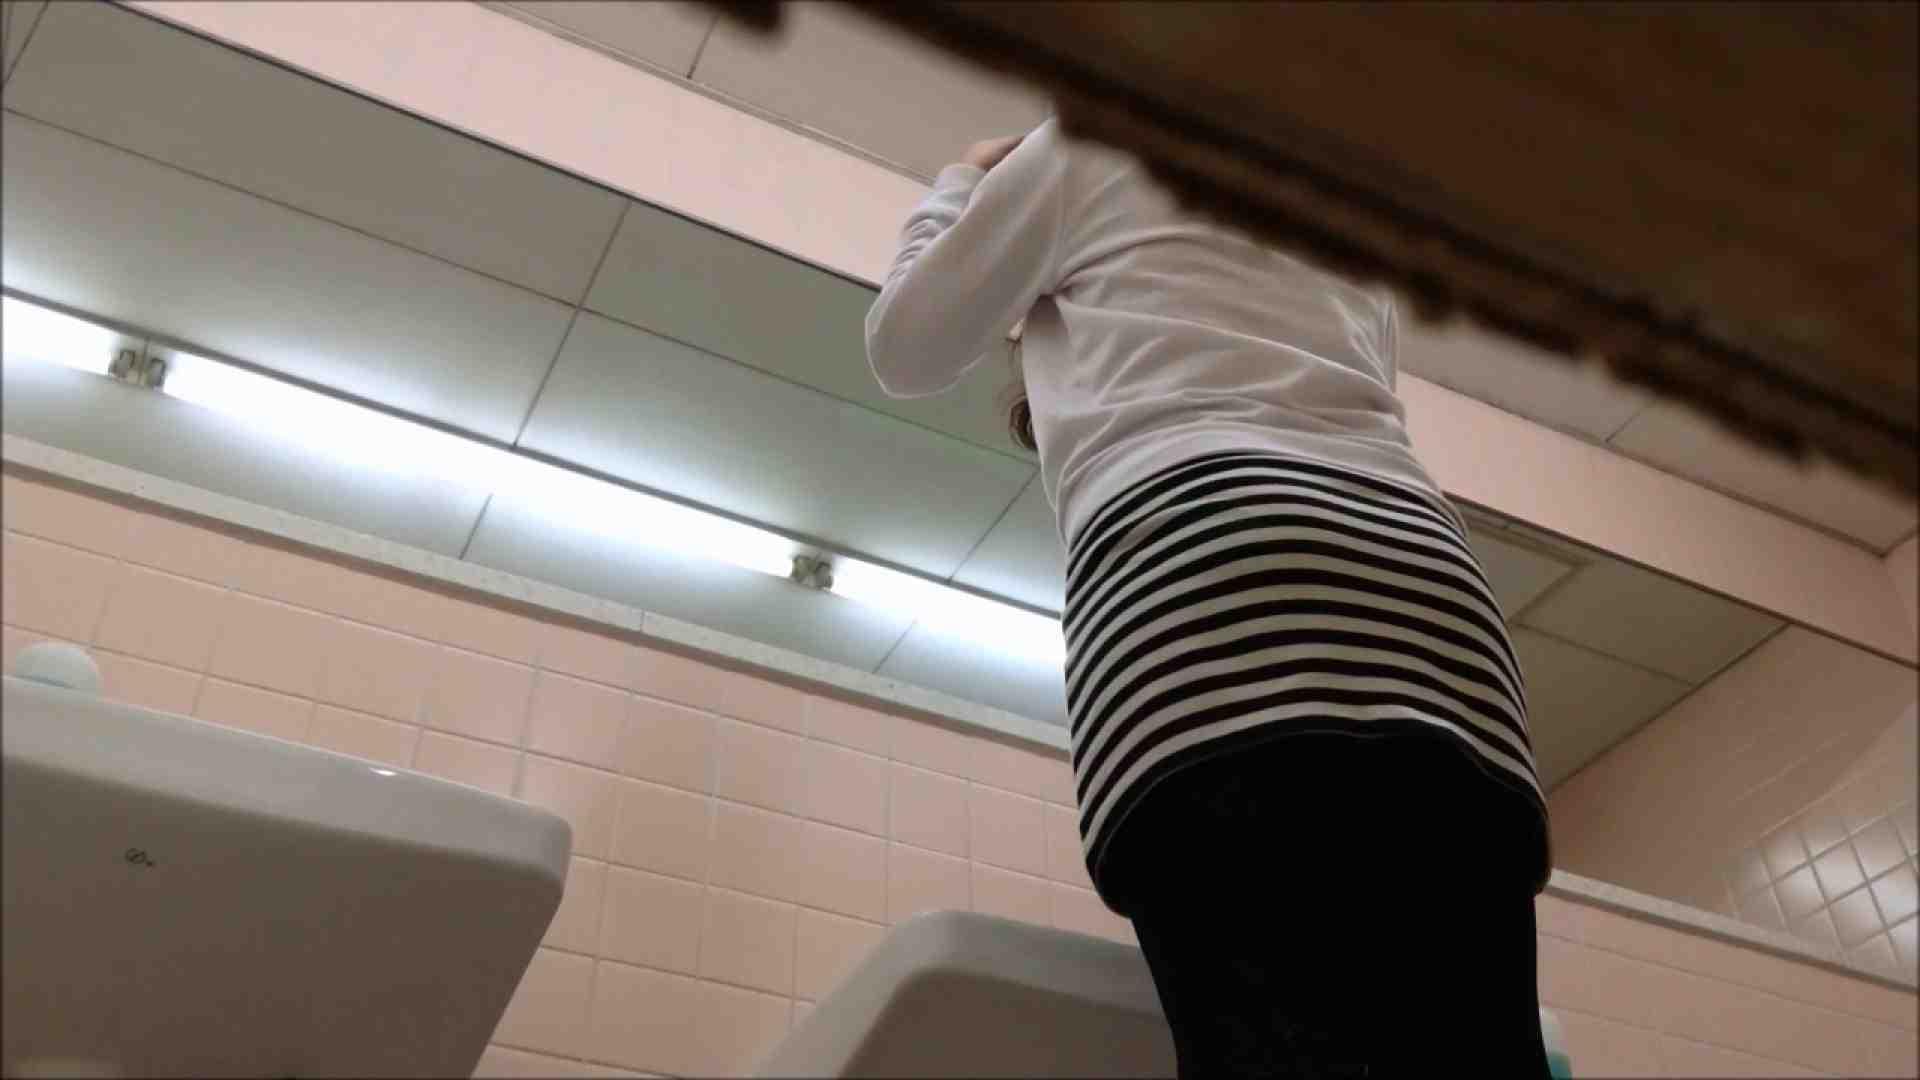 某有名大学女性洗面所 vol.10 洗面所 濡れ場動画紹介 101連発 74